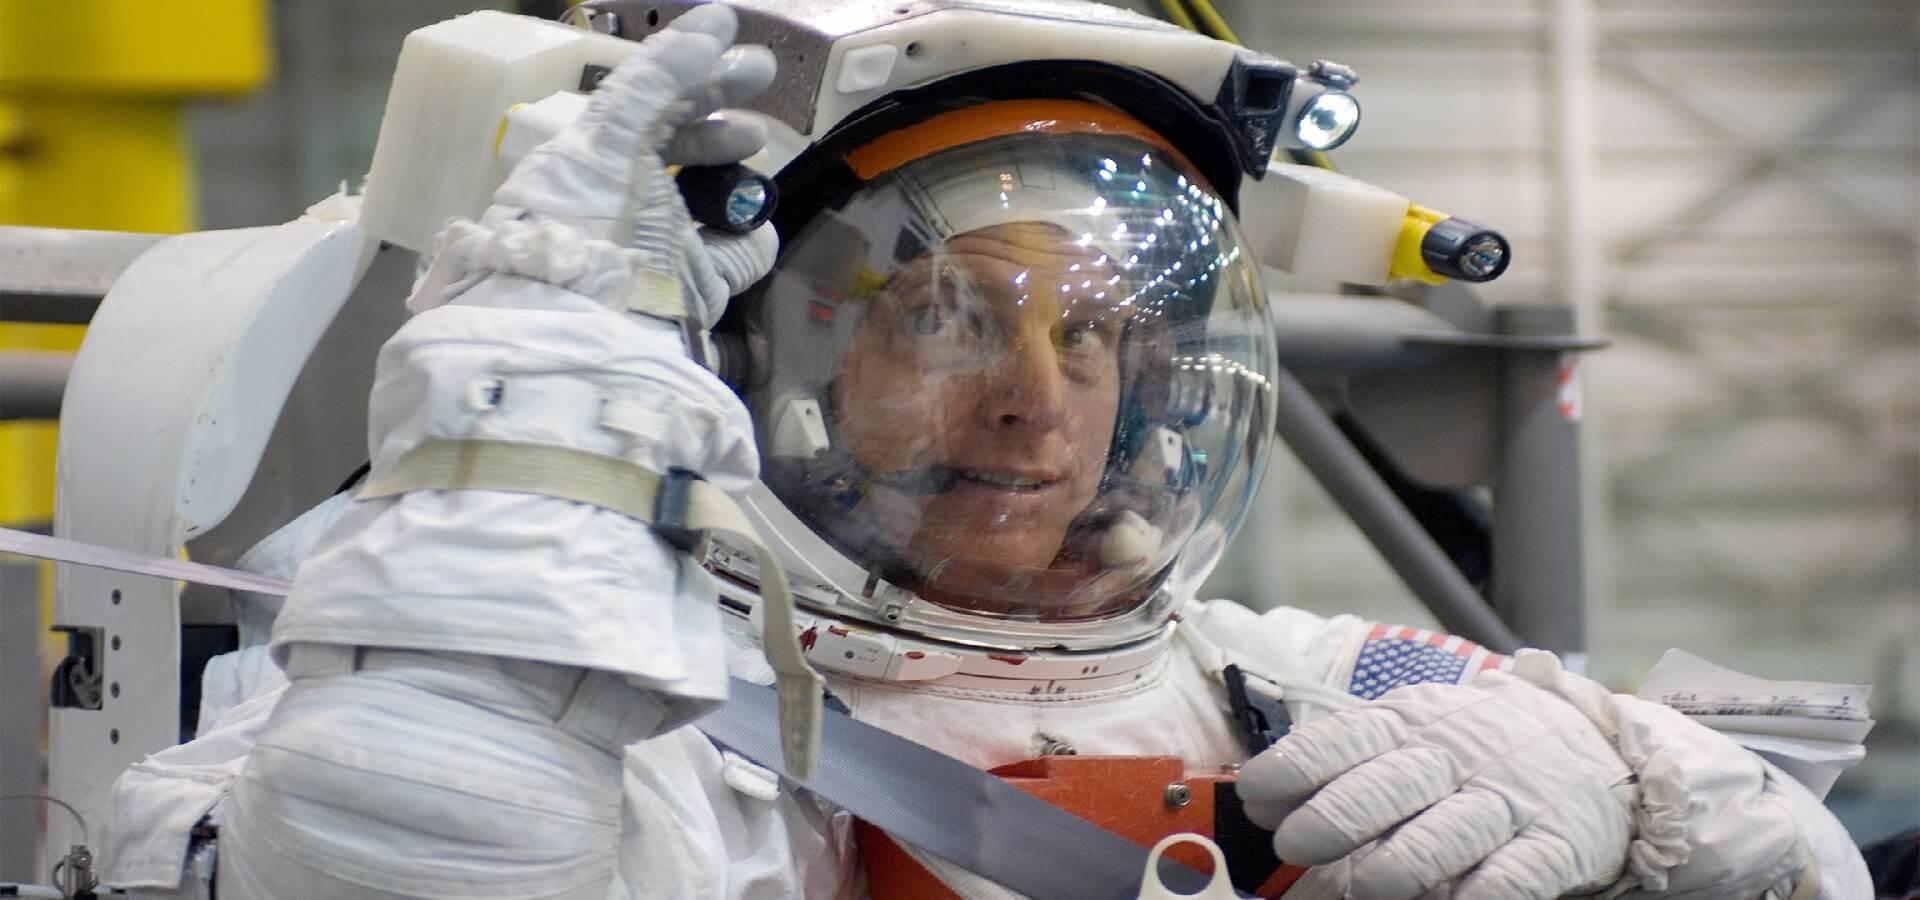 عطسه در فضا